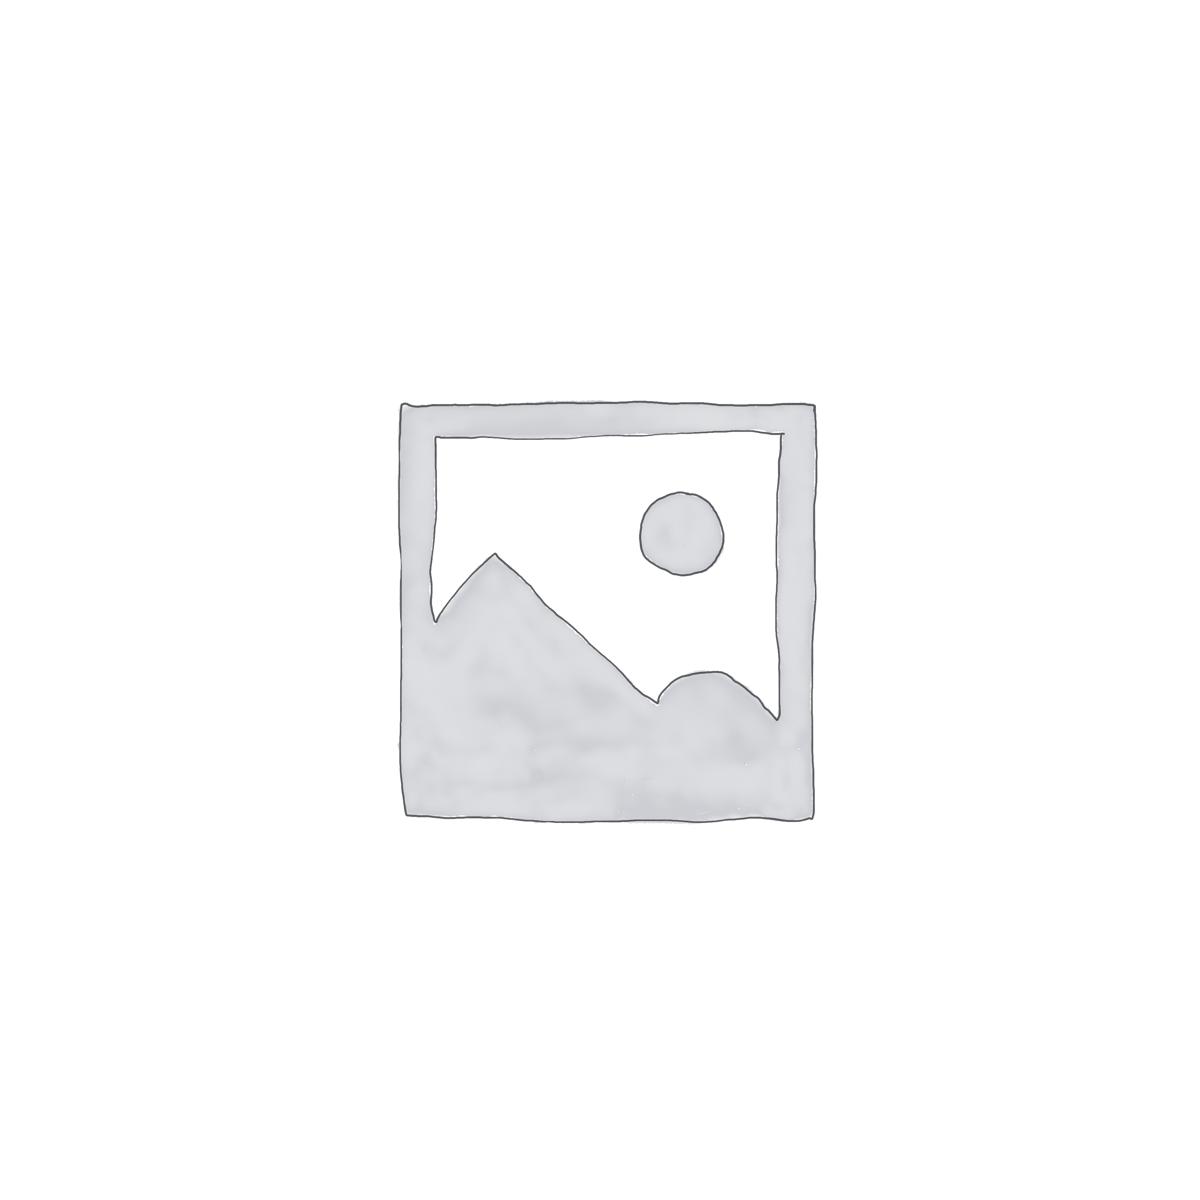 Apple Macbook 13inch Pro Retine (A1425/A1502)